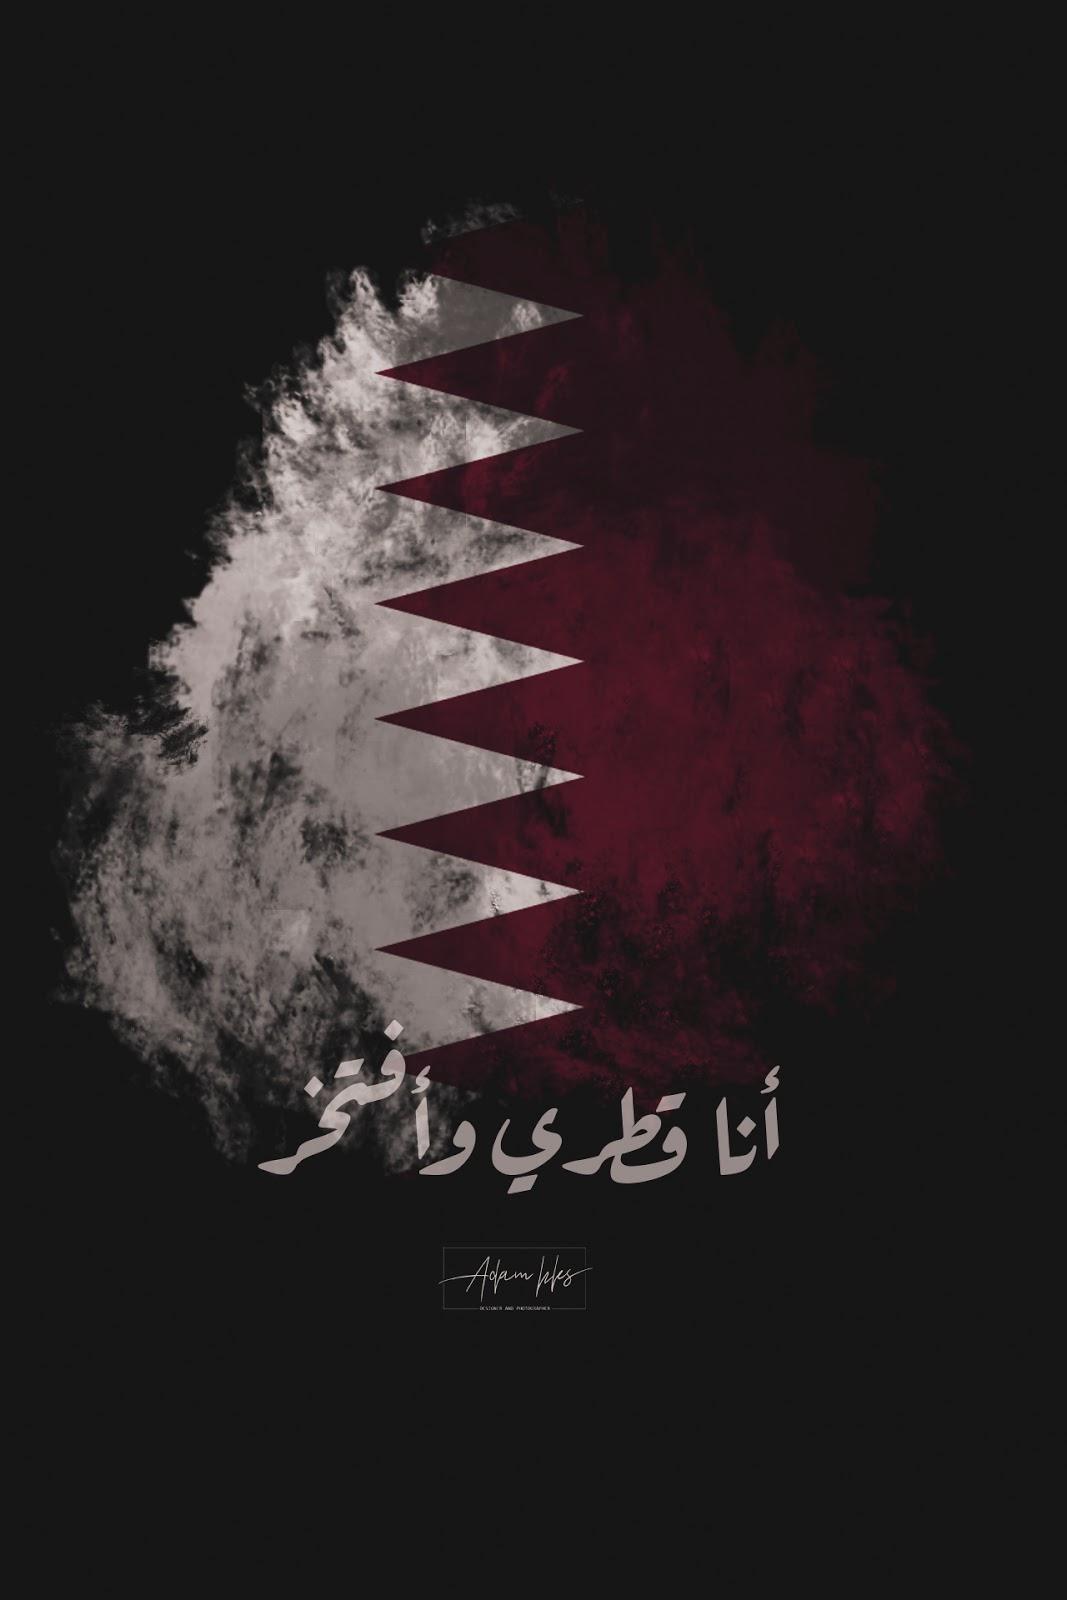 أنا قطري وأفتخر